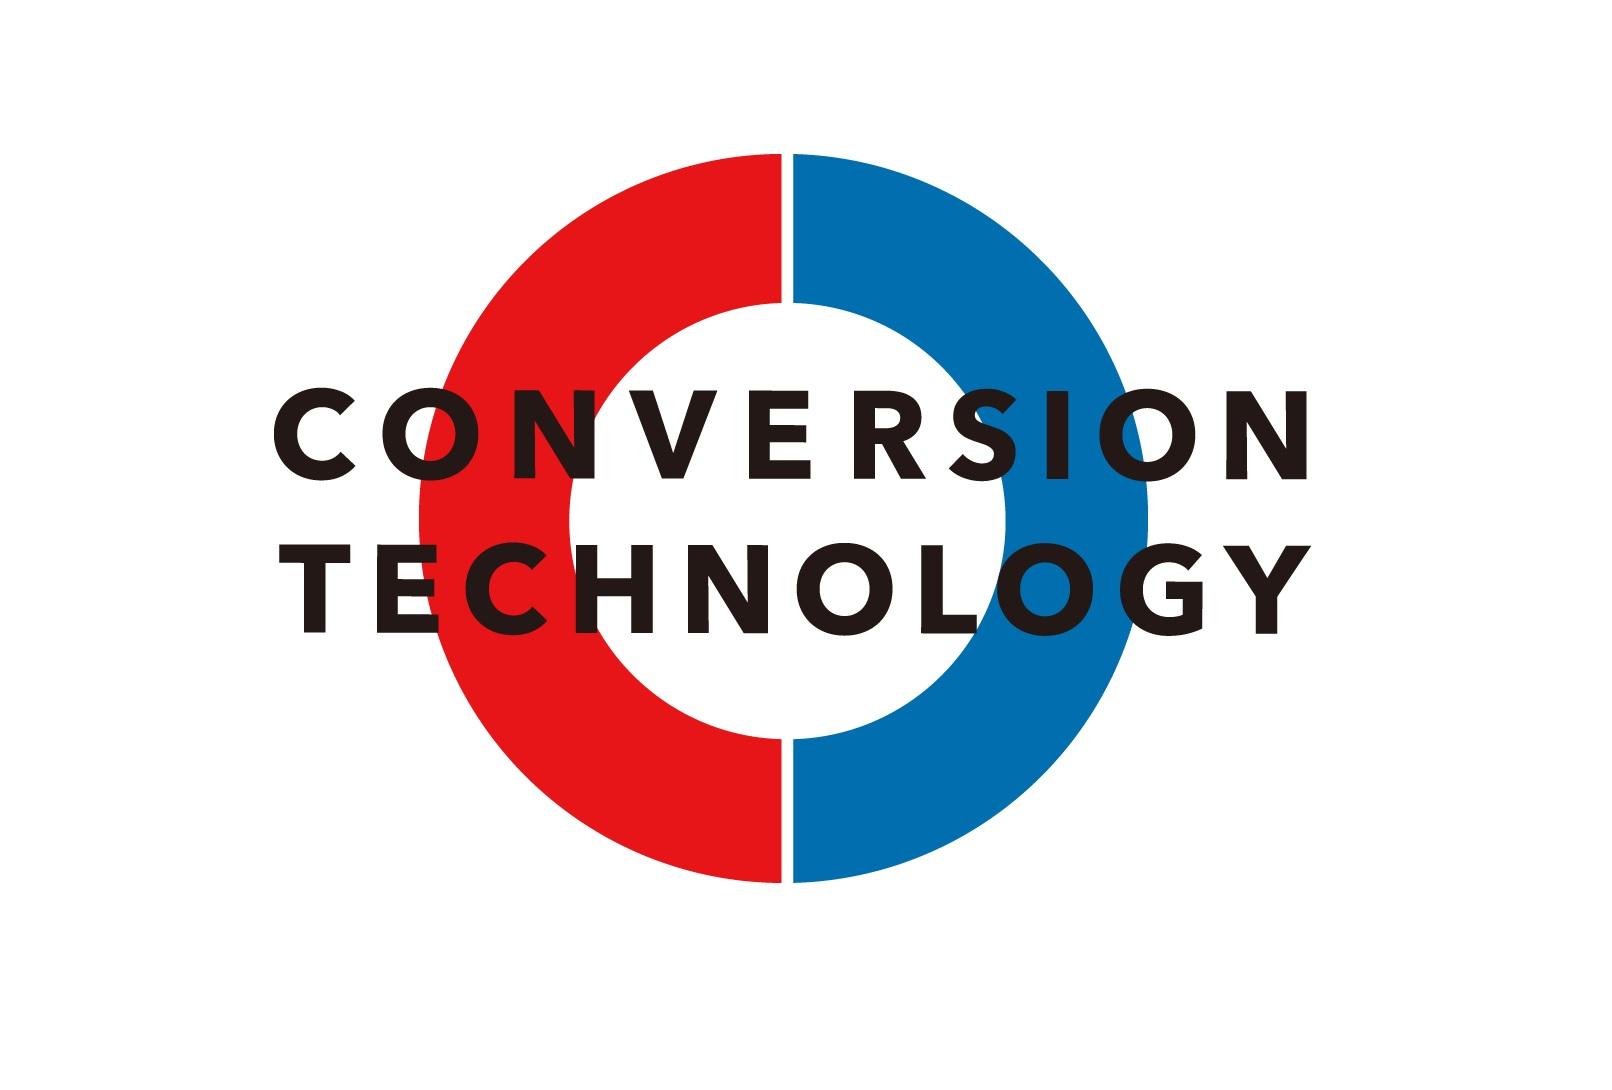 コンバージョンテクノロジー株式会社 KaiUの事業拡大を狙い資金調達を実施